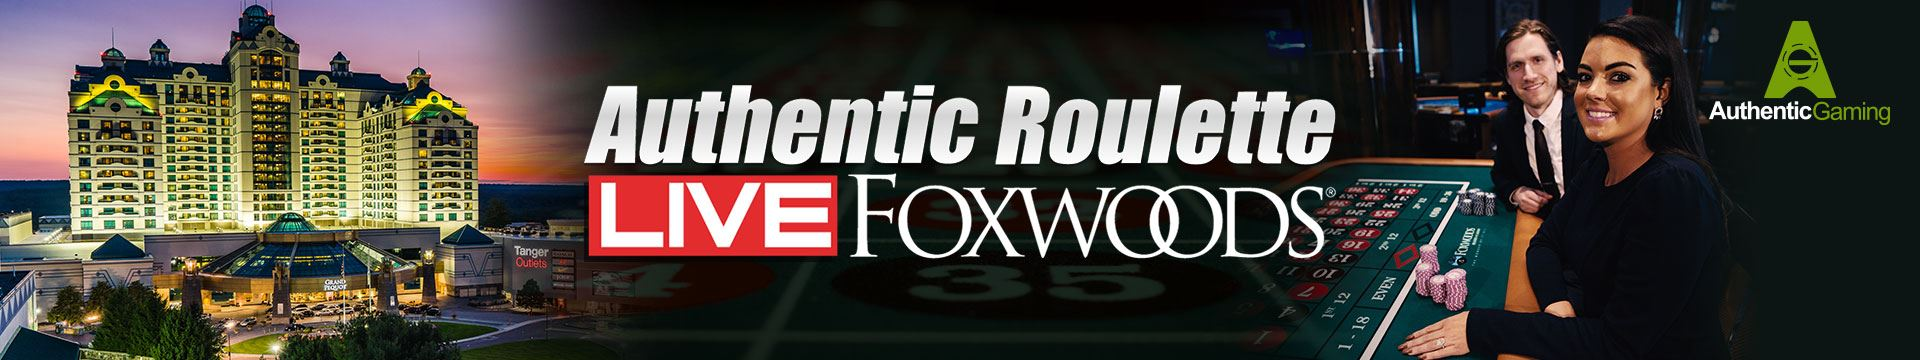 Foxwood_Authentic